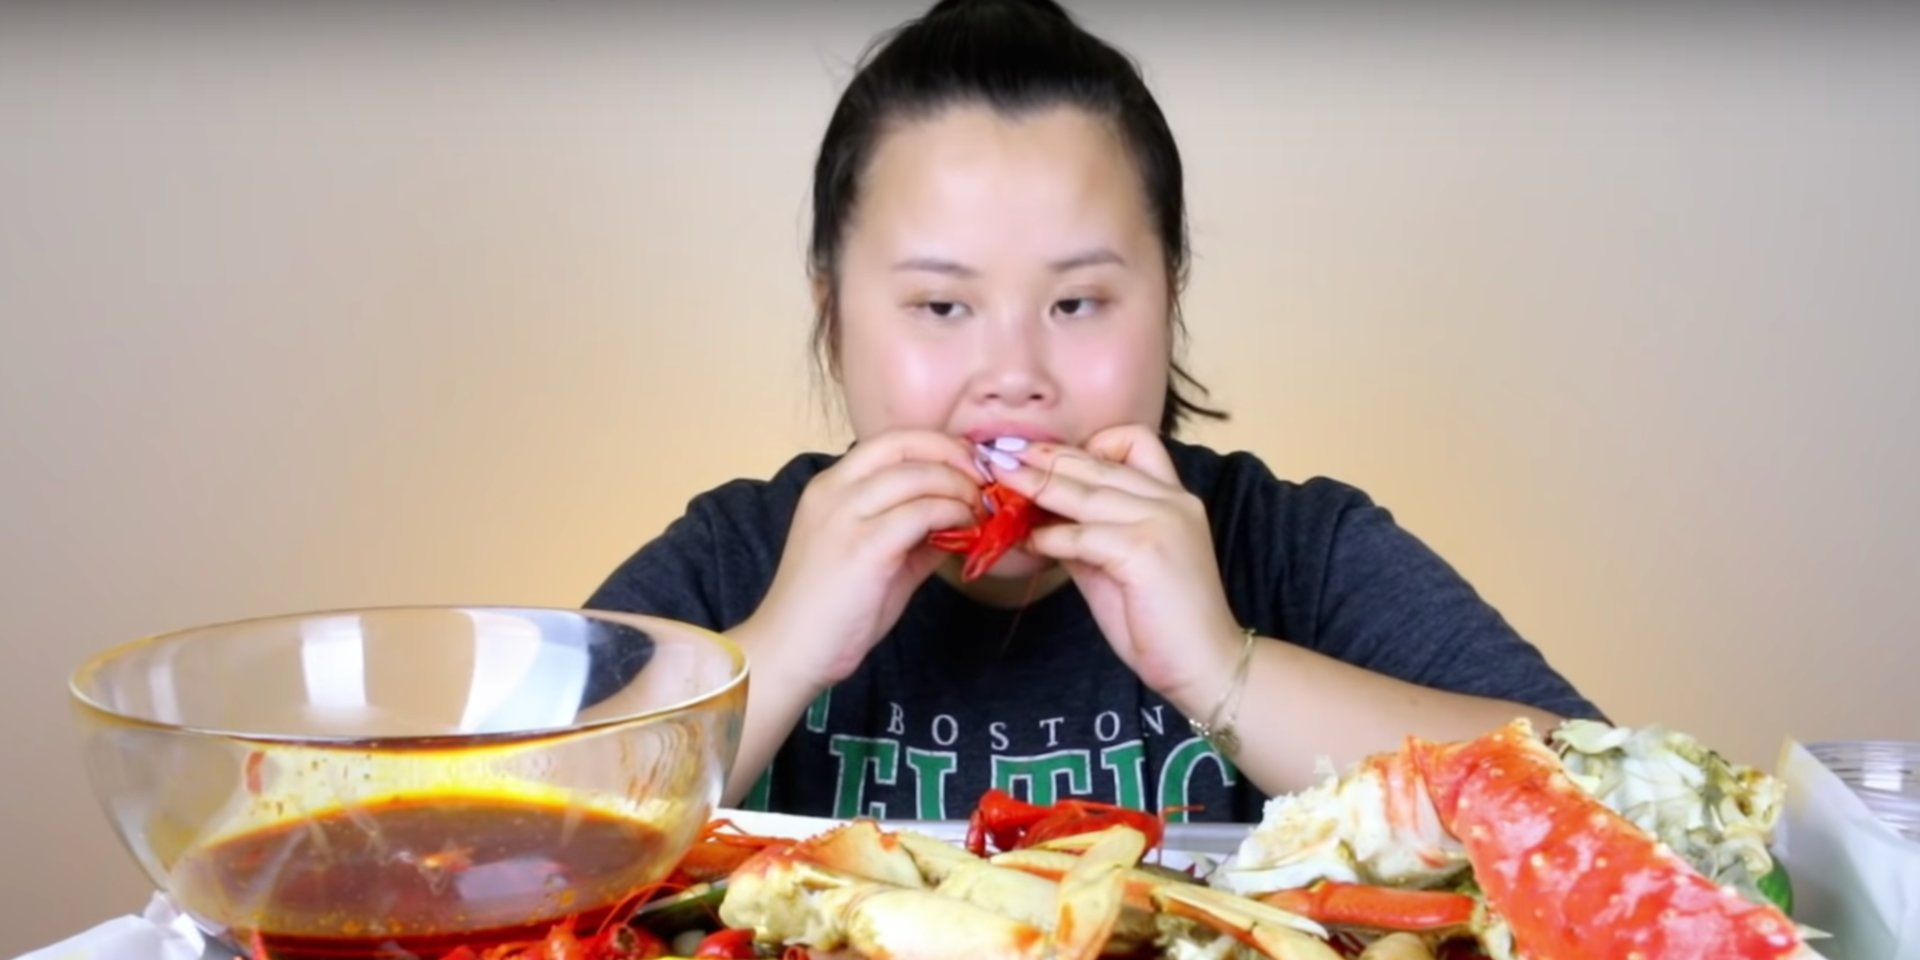 Conheça a garota que largou seu emprego e agora vive comendo em vídeos do Youtube